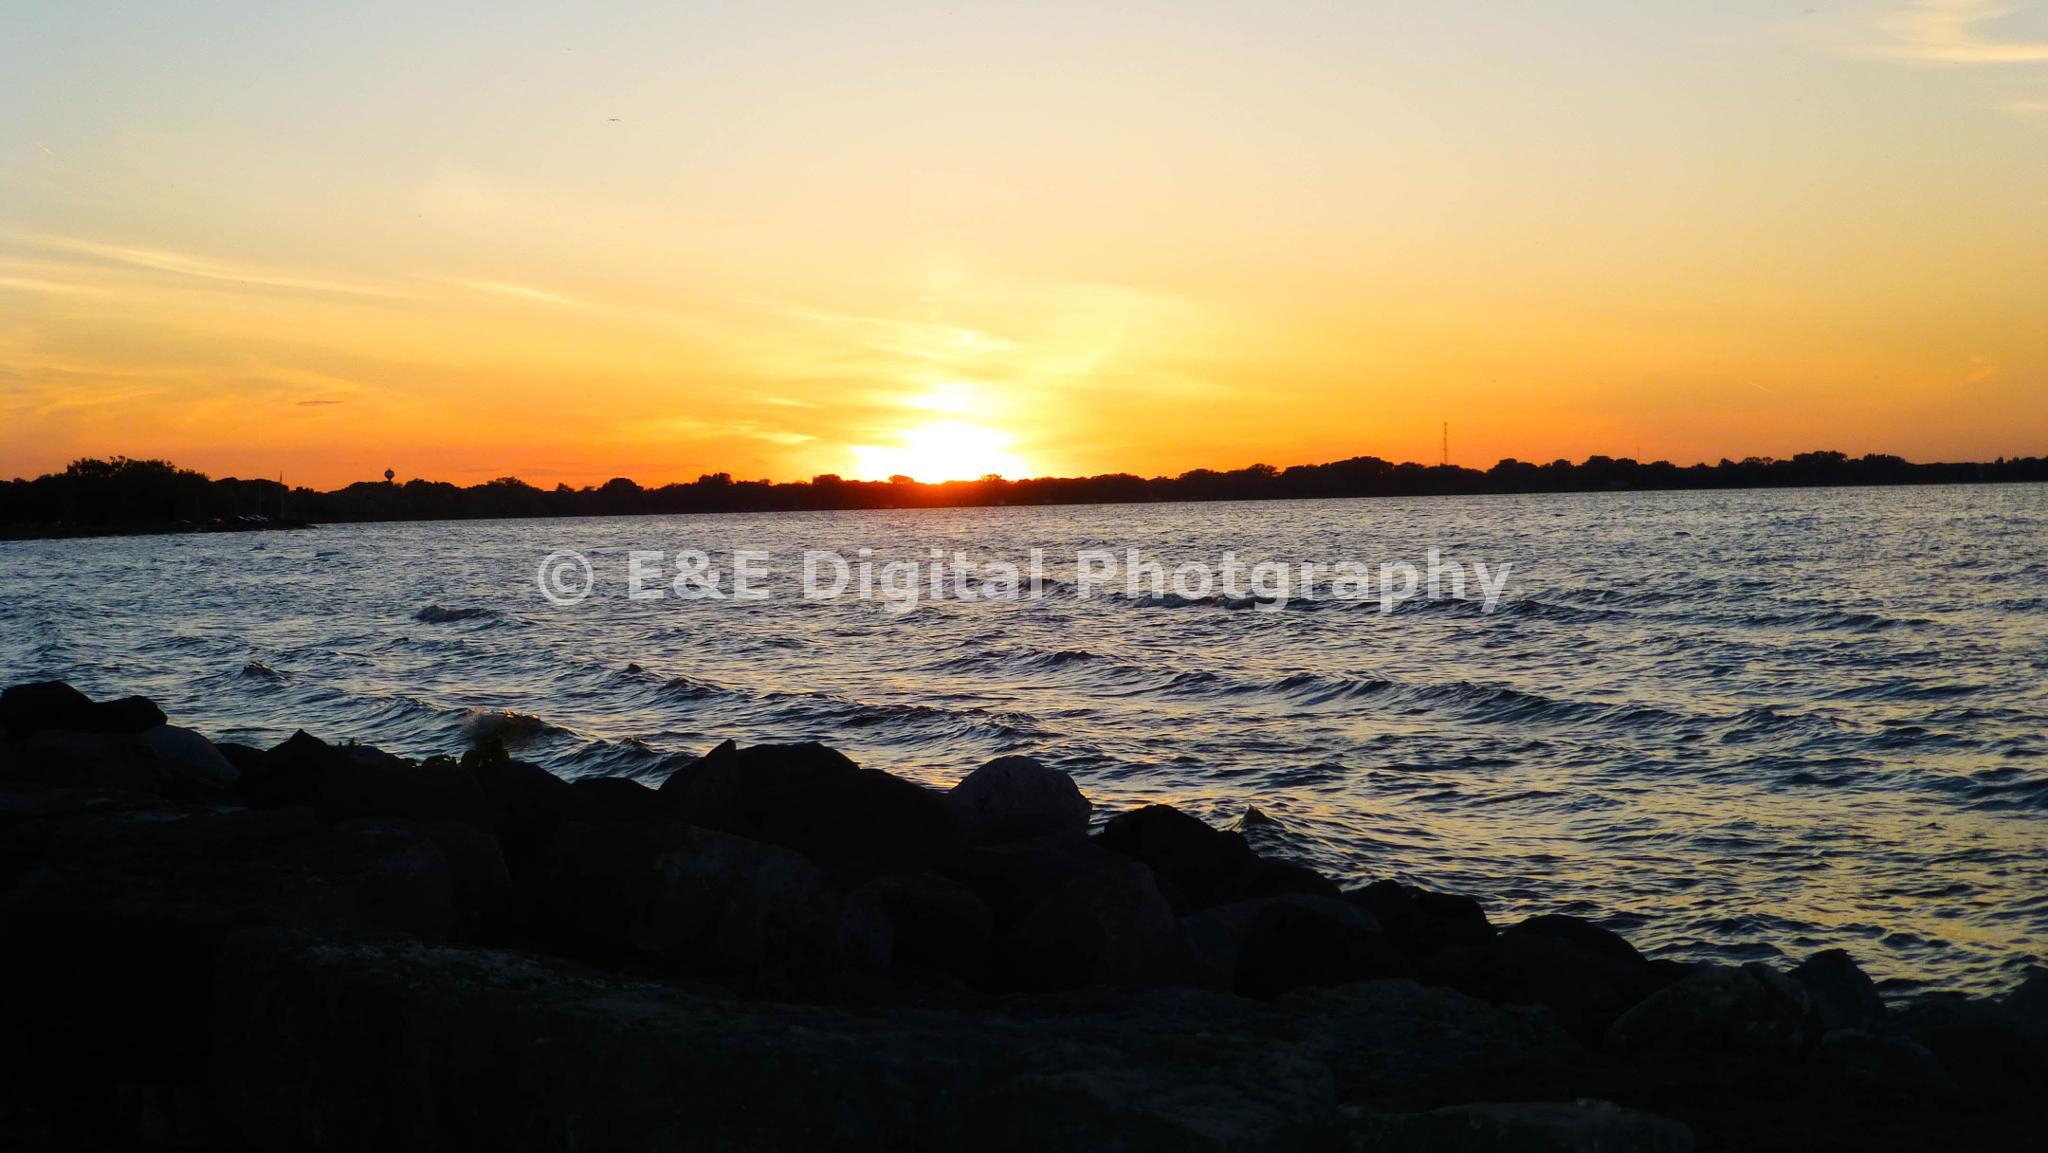 sundown at the park#4 by eric.eggers.10